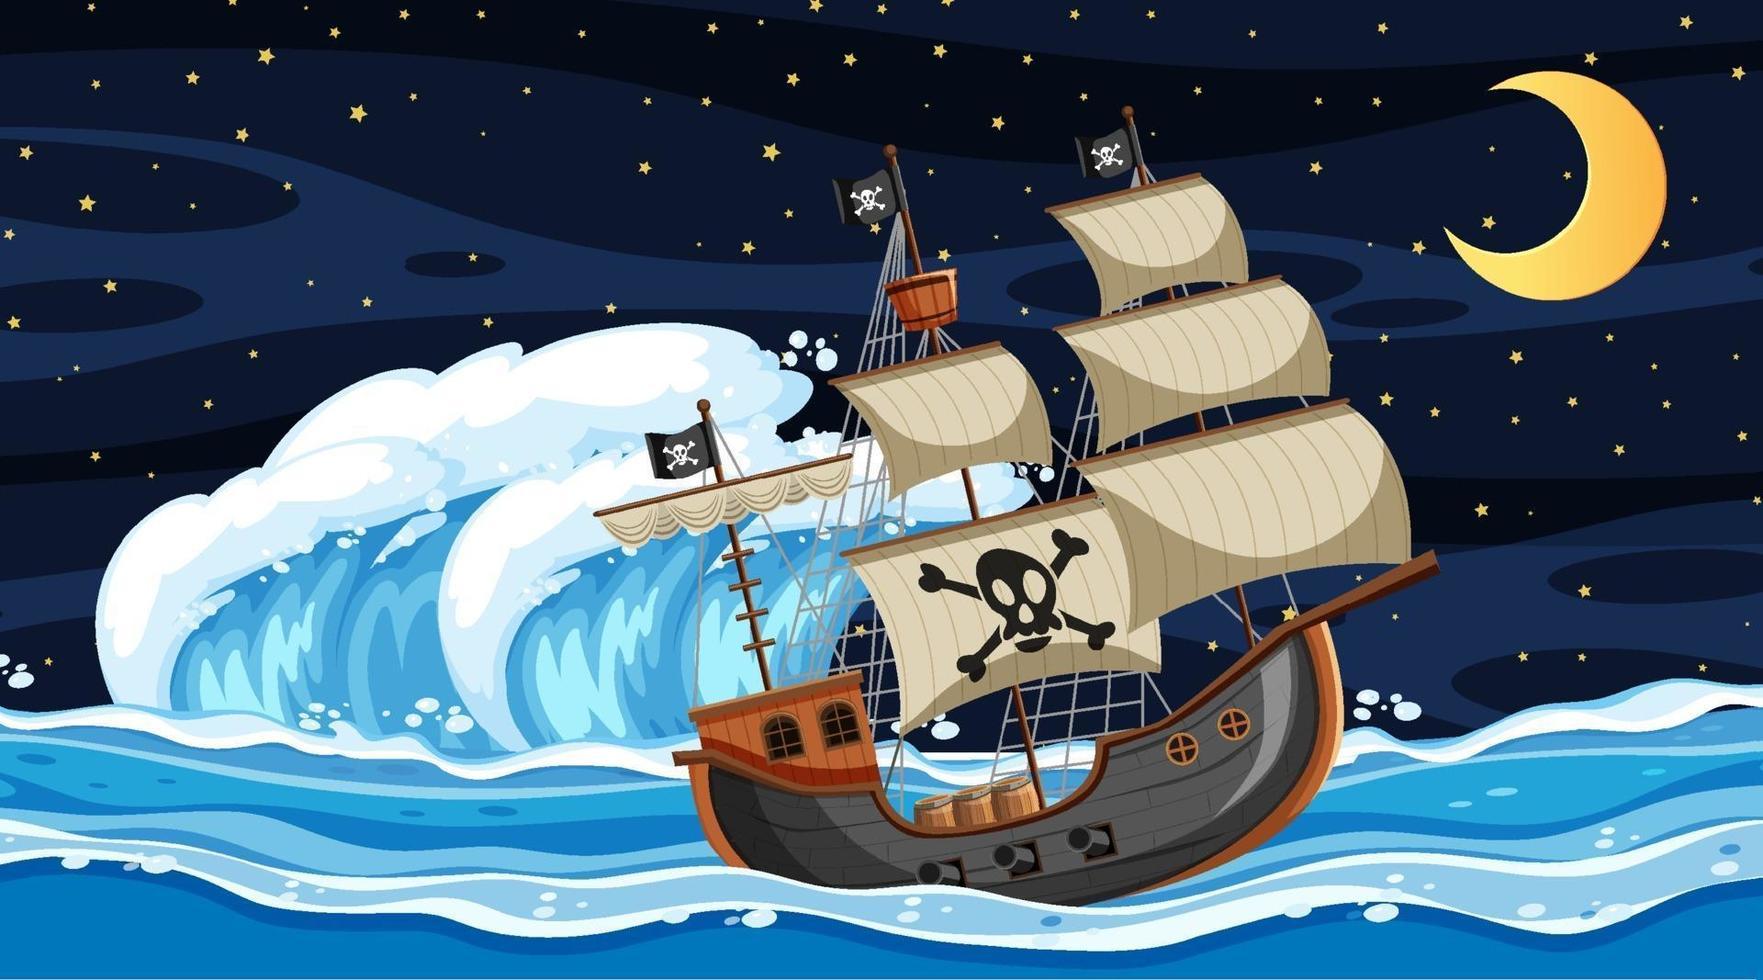 escena del océano en la noche con barco pirata en estilo de dibujos animados vector